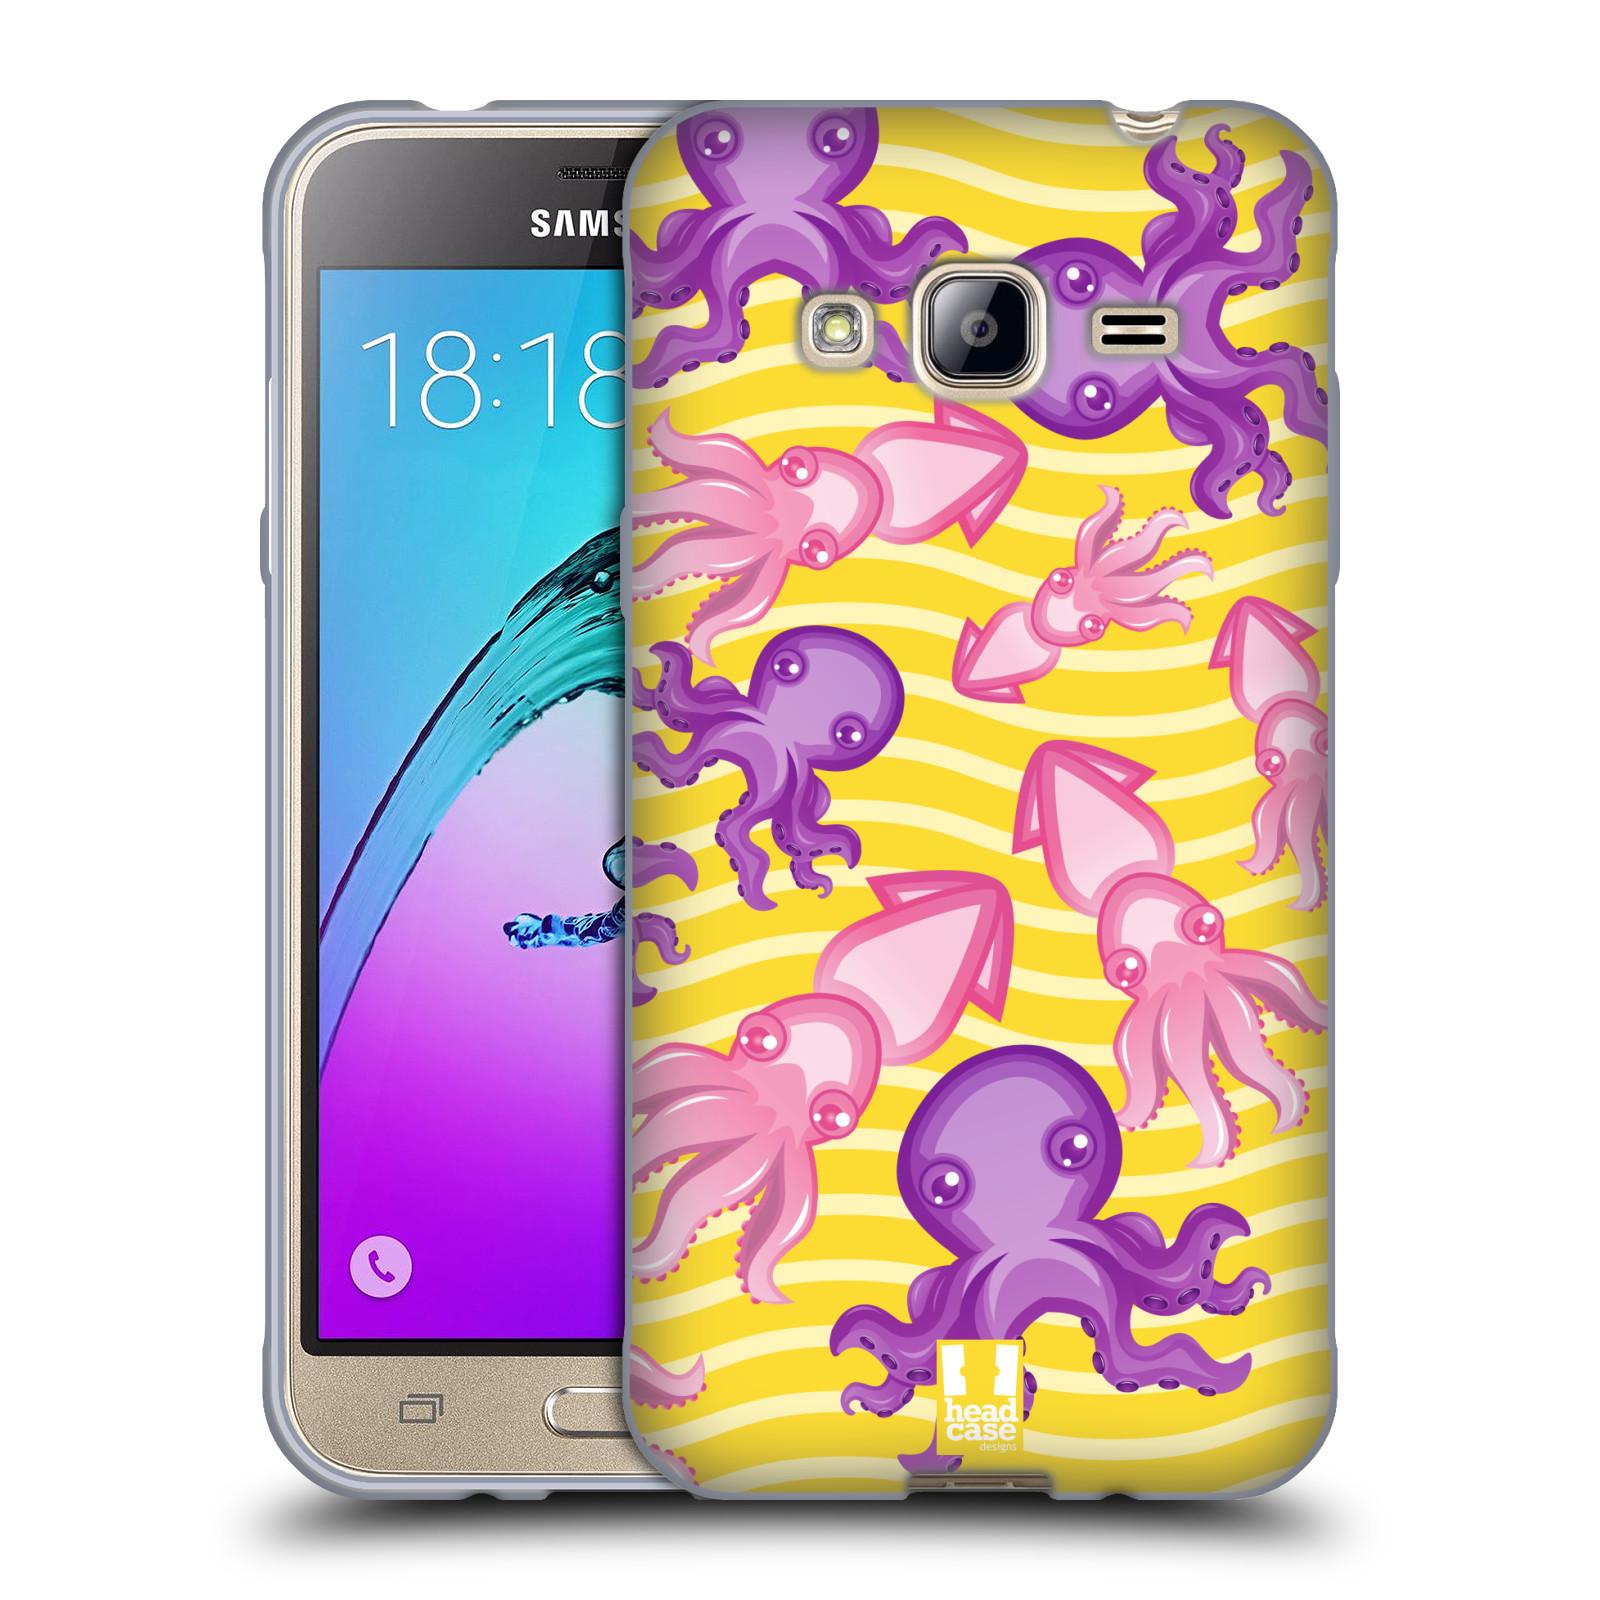 HEAD CASE silikonový obal na mobil Samsung Galaxy J3, J3 2016 vzor mořský živočich chobotnice